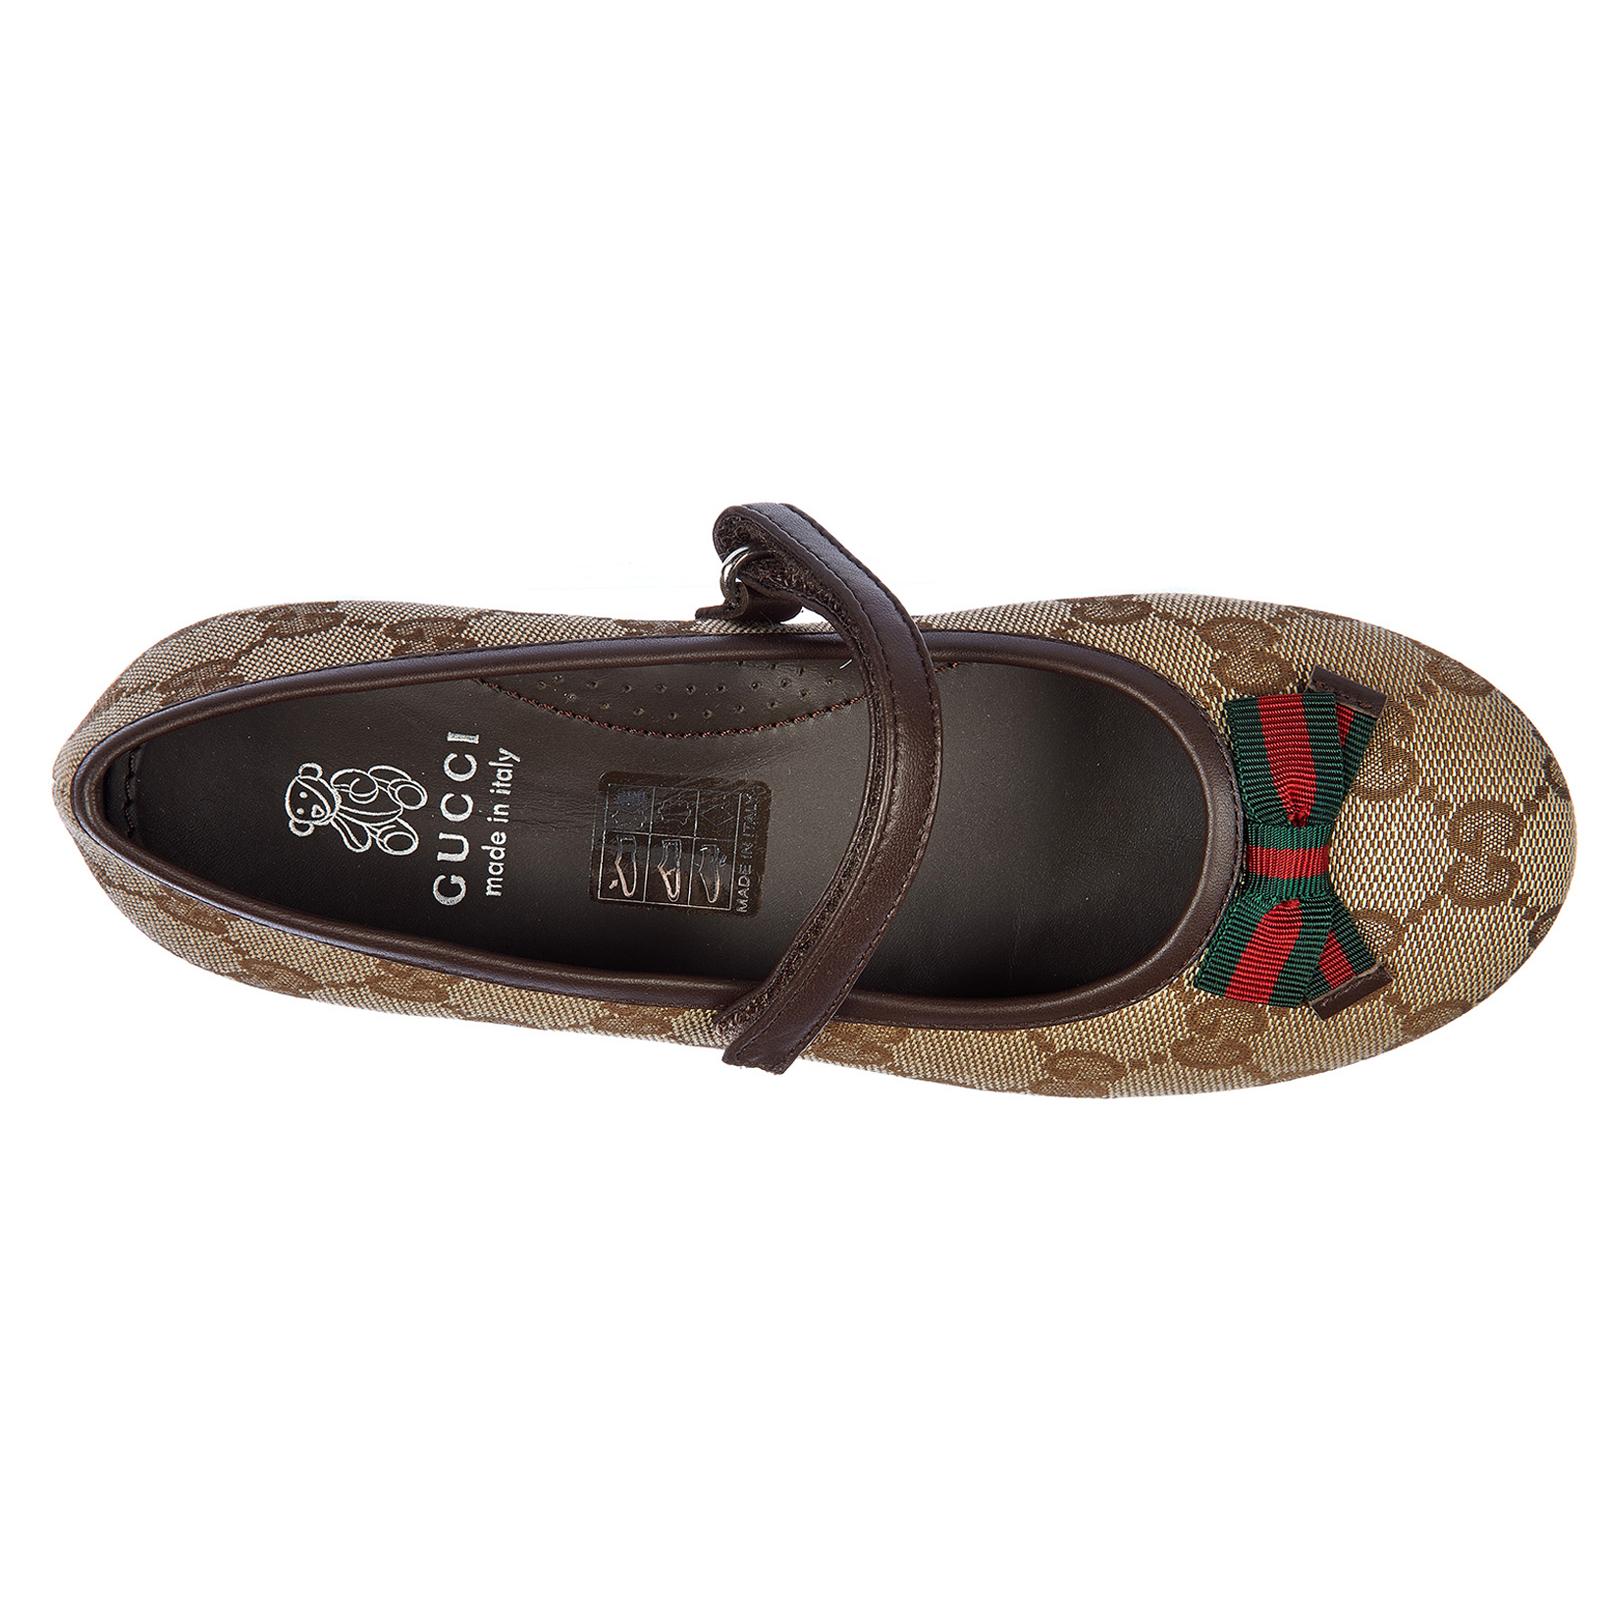 ... Ballerine scarpe bimba bambina cotone ... 7db279b4b2a